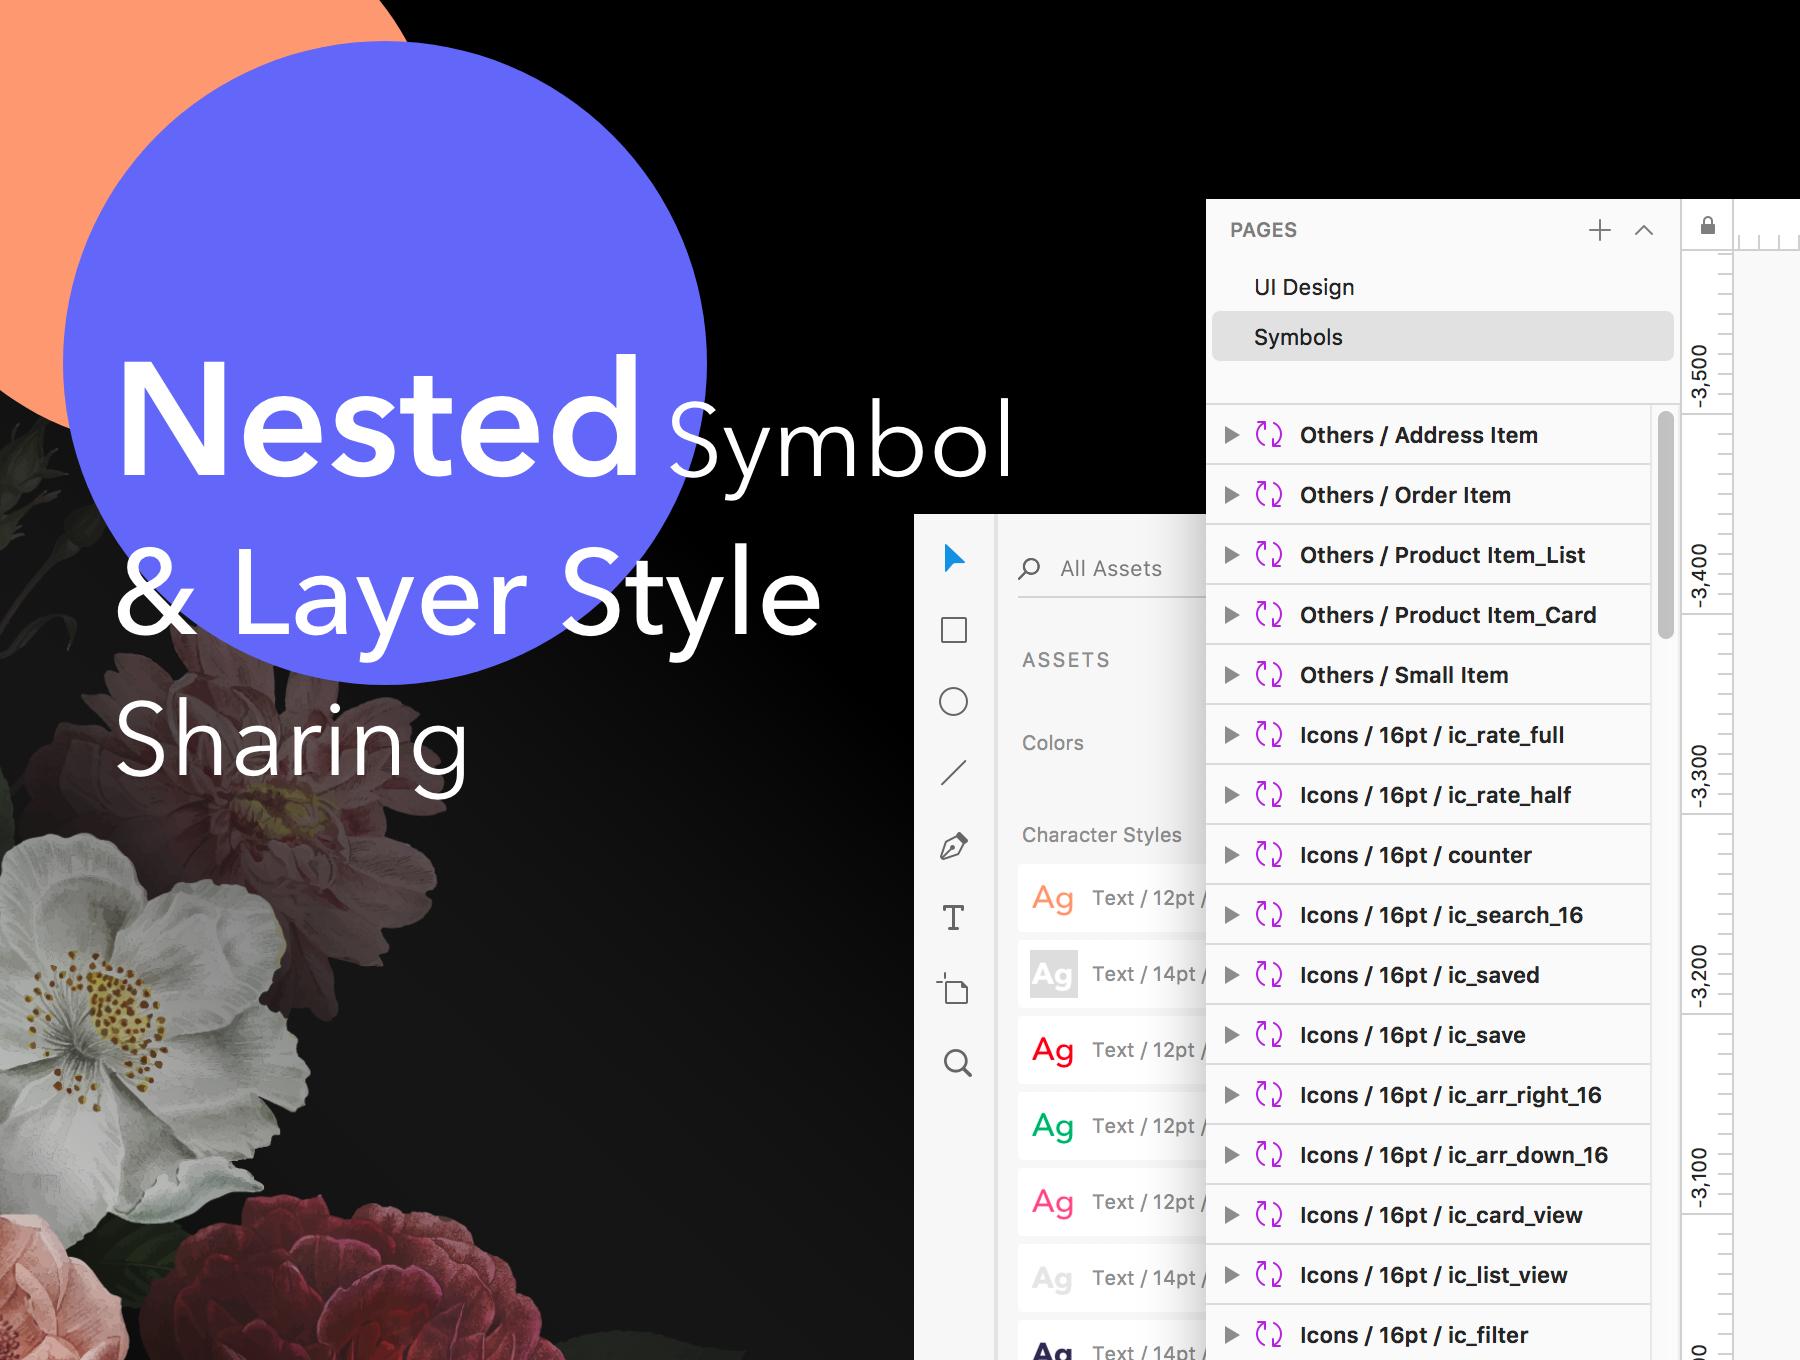 漂亮时尚的鲜花礼品礼物电商平台APP UI KIT套装模板iOS Ui app界面设计[Sketch,FIG] Fancy App UI Kit